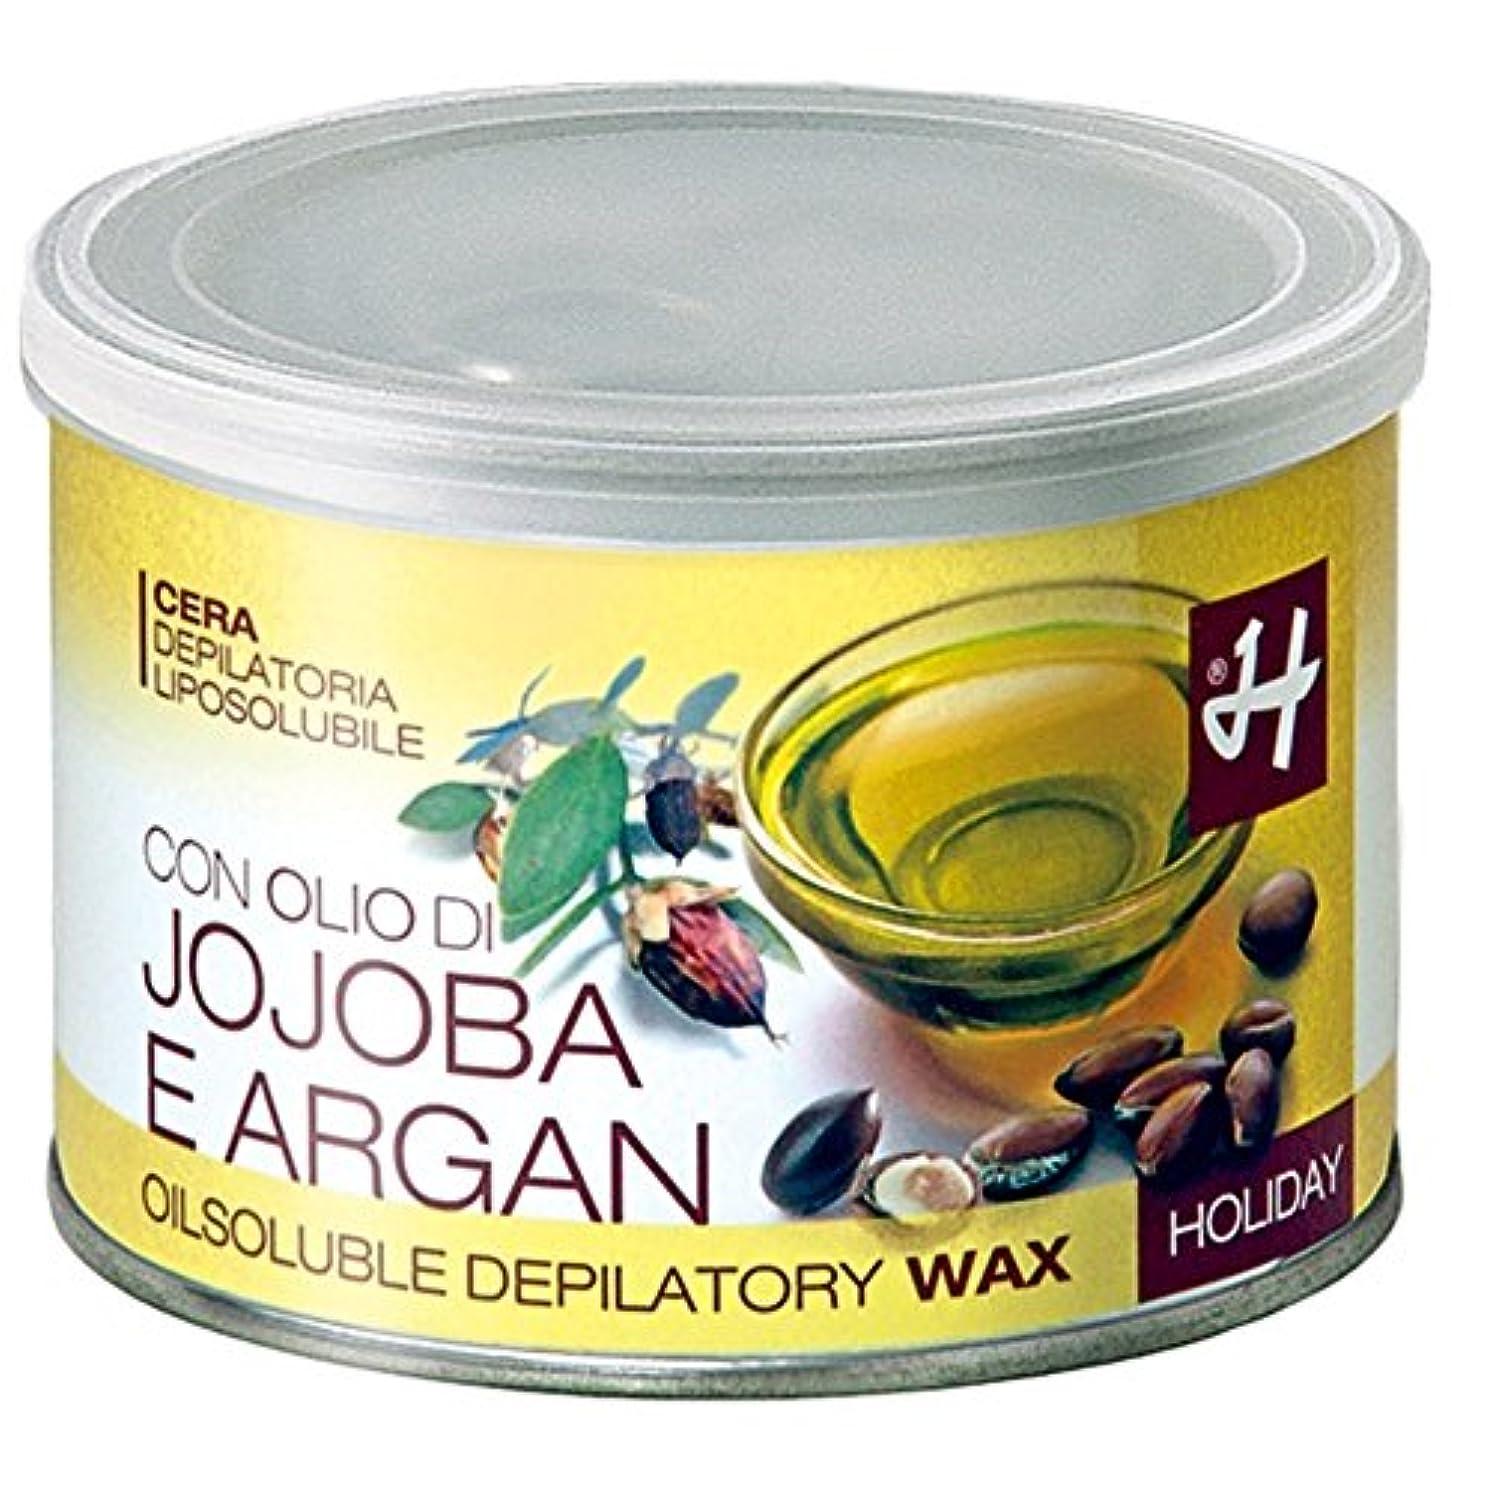 敏感な苦行なだめるHOLIDAY JAPAN (ホリデイジャパン) ホホバ&アルガンオイル?エレメンツ ロジンフリーワックス 400ml イタリア製 ブラジリアンワックス WAX